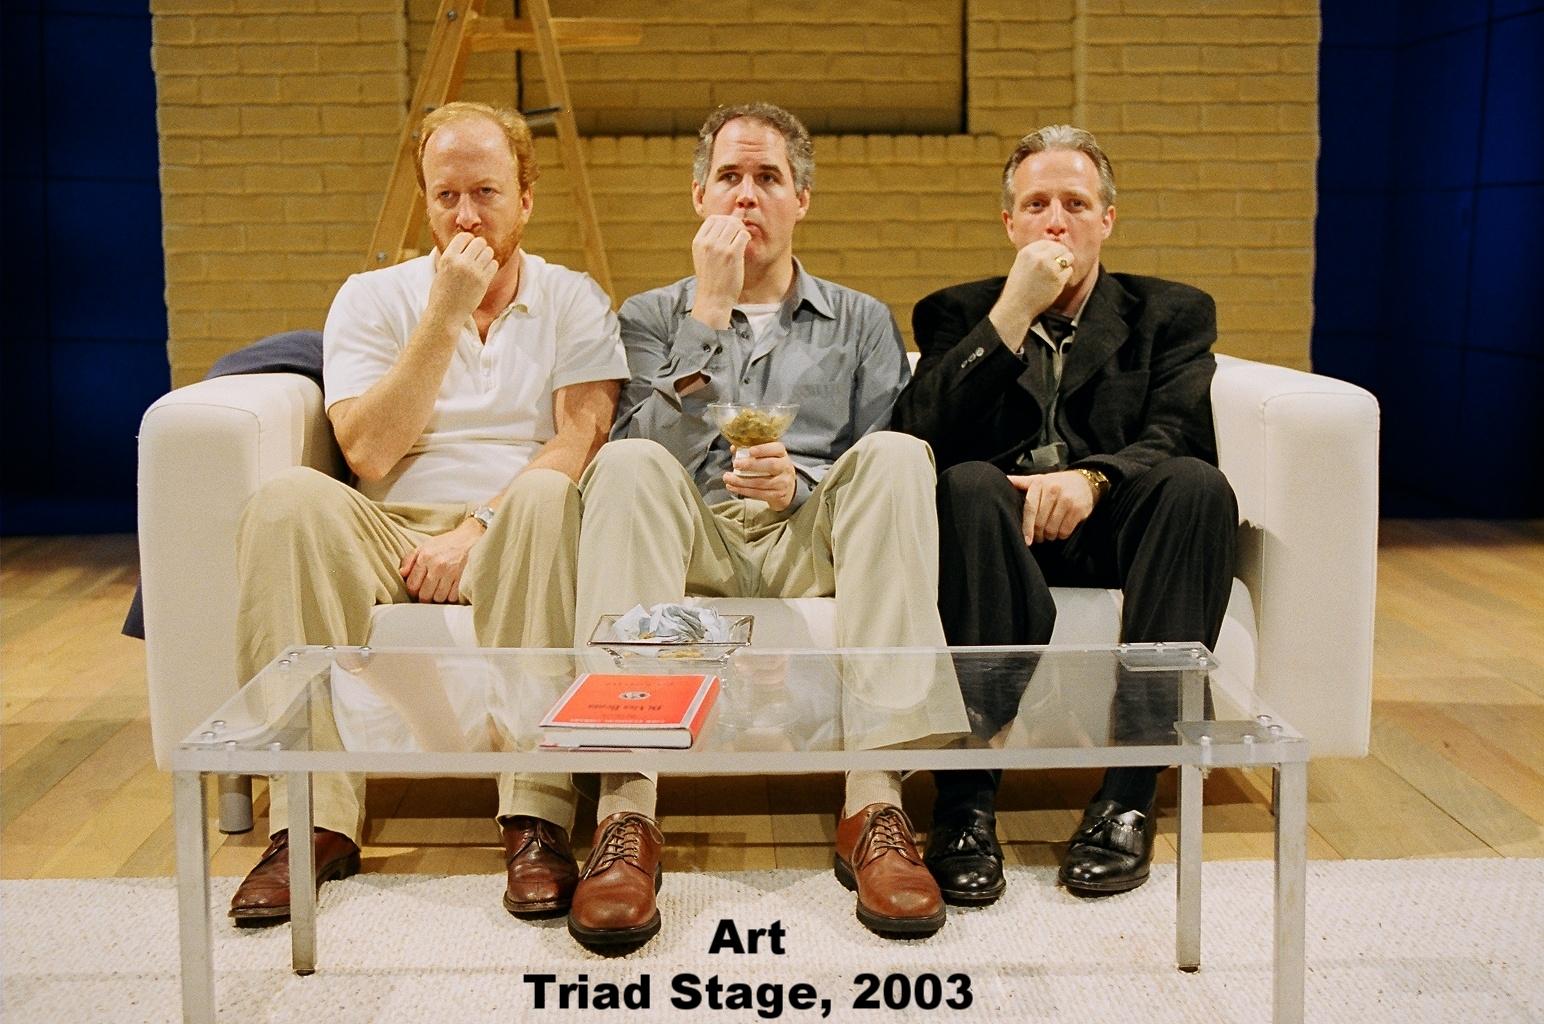 Art Triad Stage.jpg